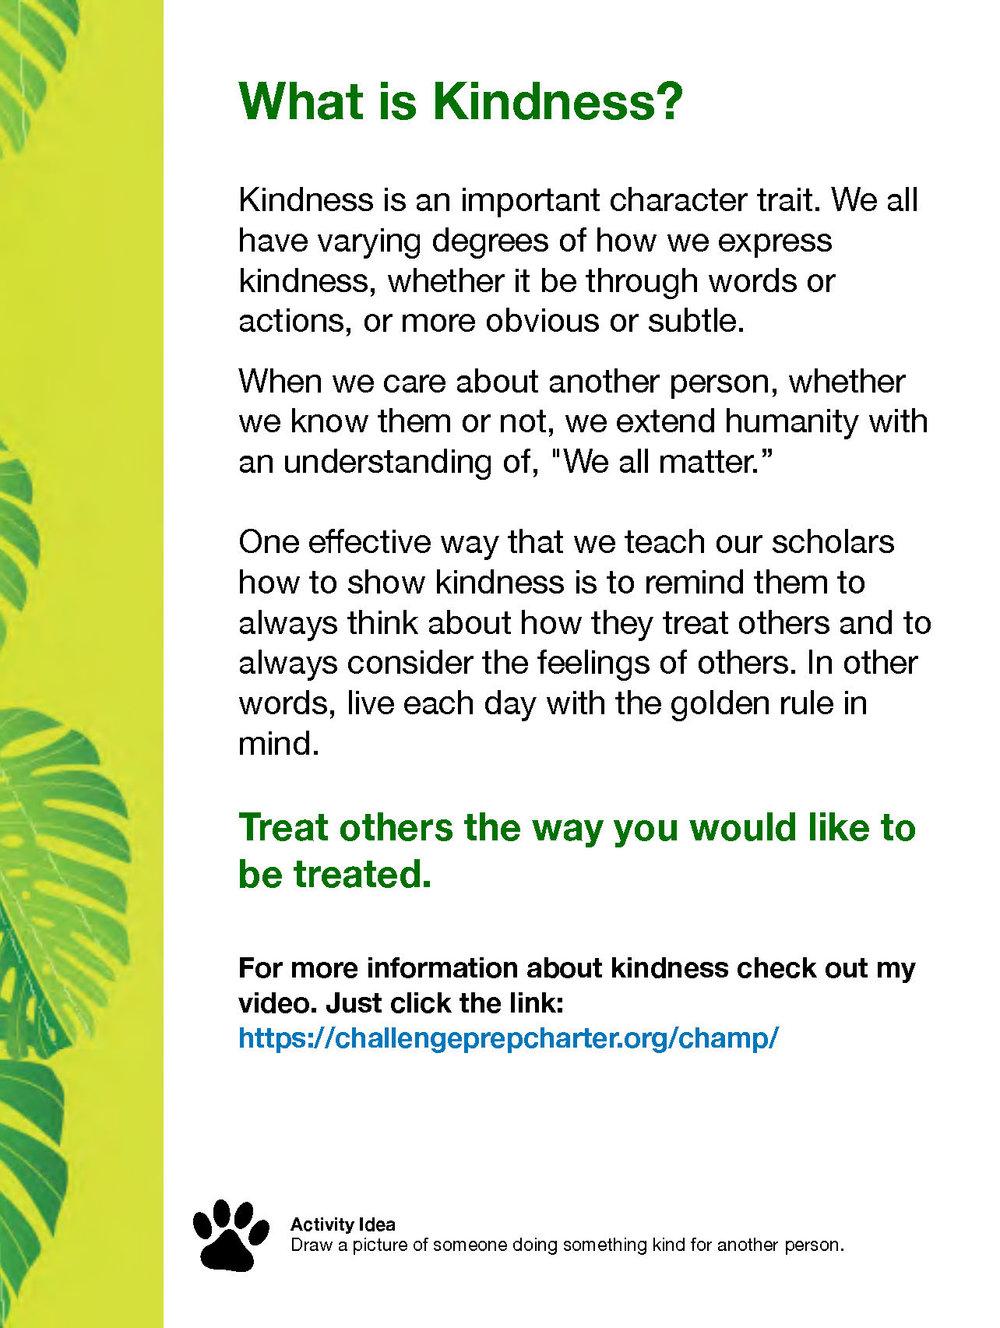 CPCS Champ - Kindness_parent quide R_Page_2.jpg